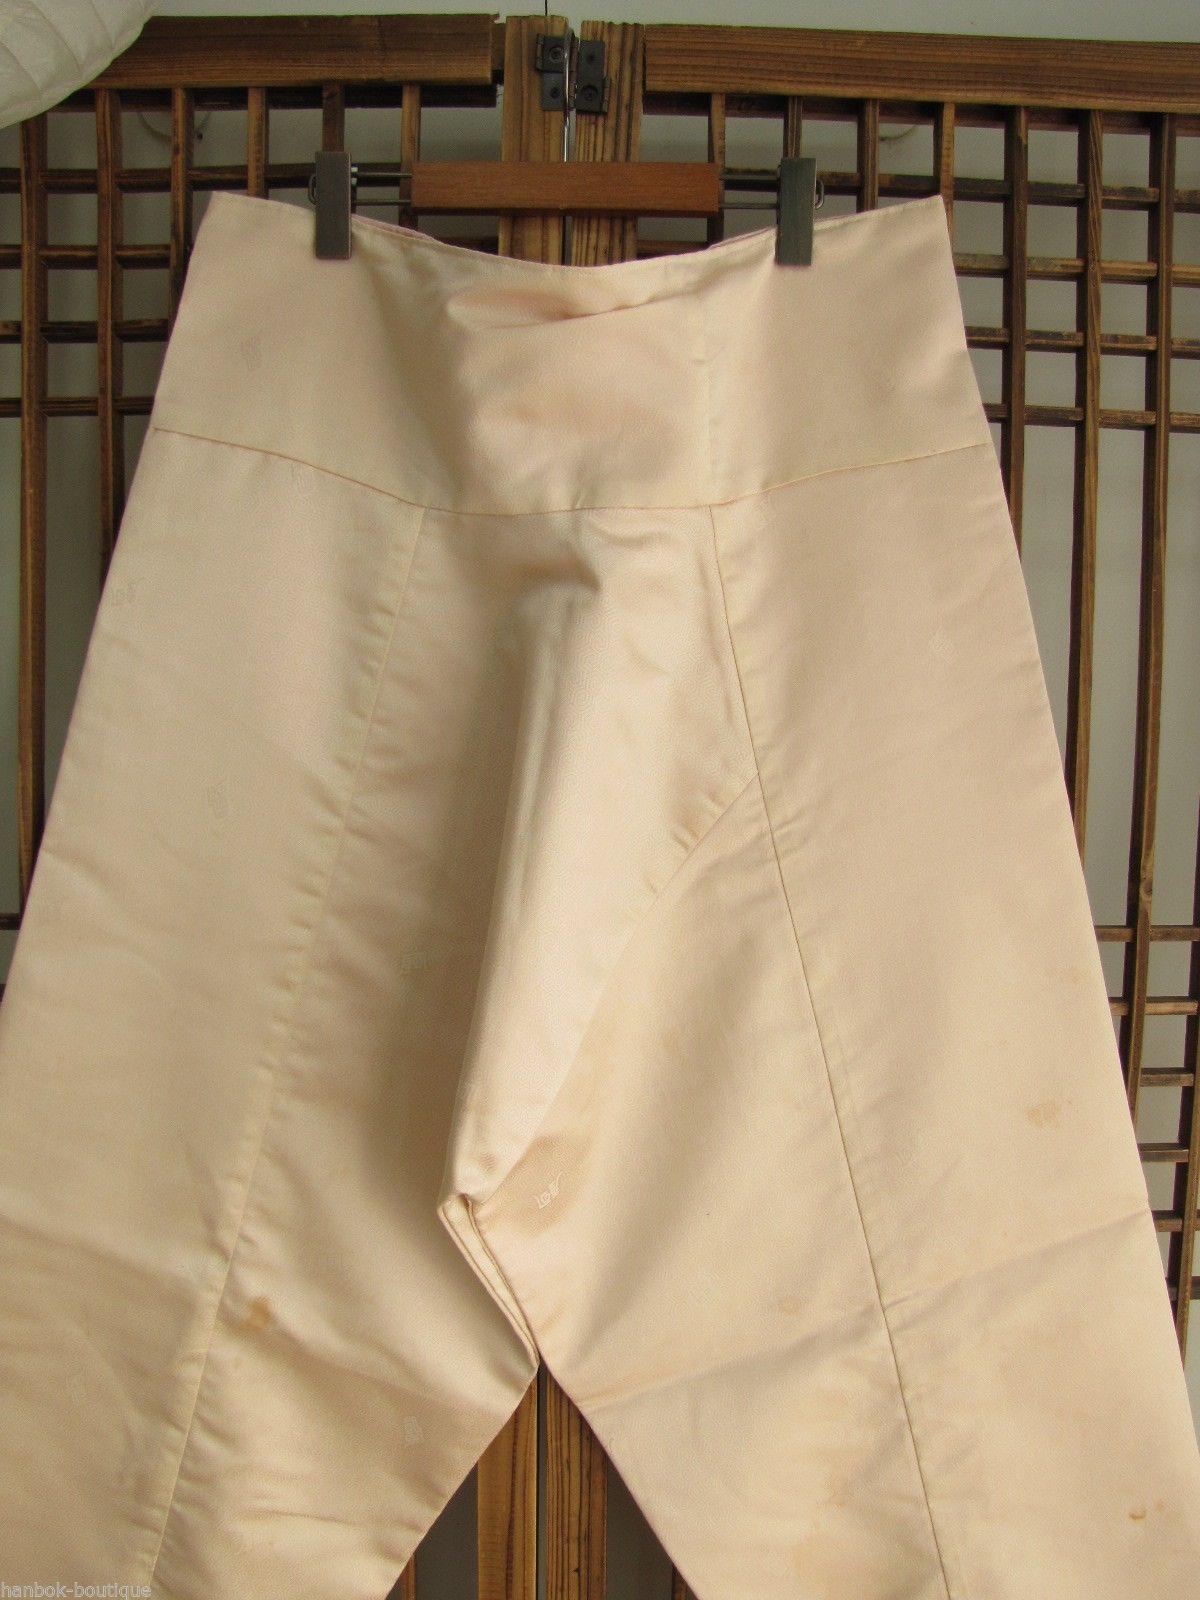 ☆HANBOK-BOUTIQUE / MAN HANBOK PANTS BAJI Korean Traditional Clothes ...